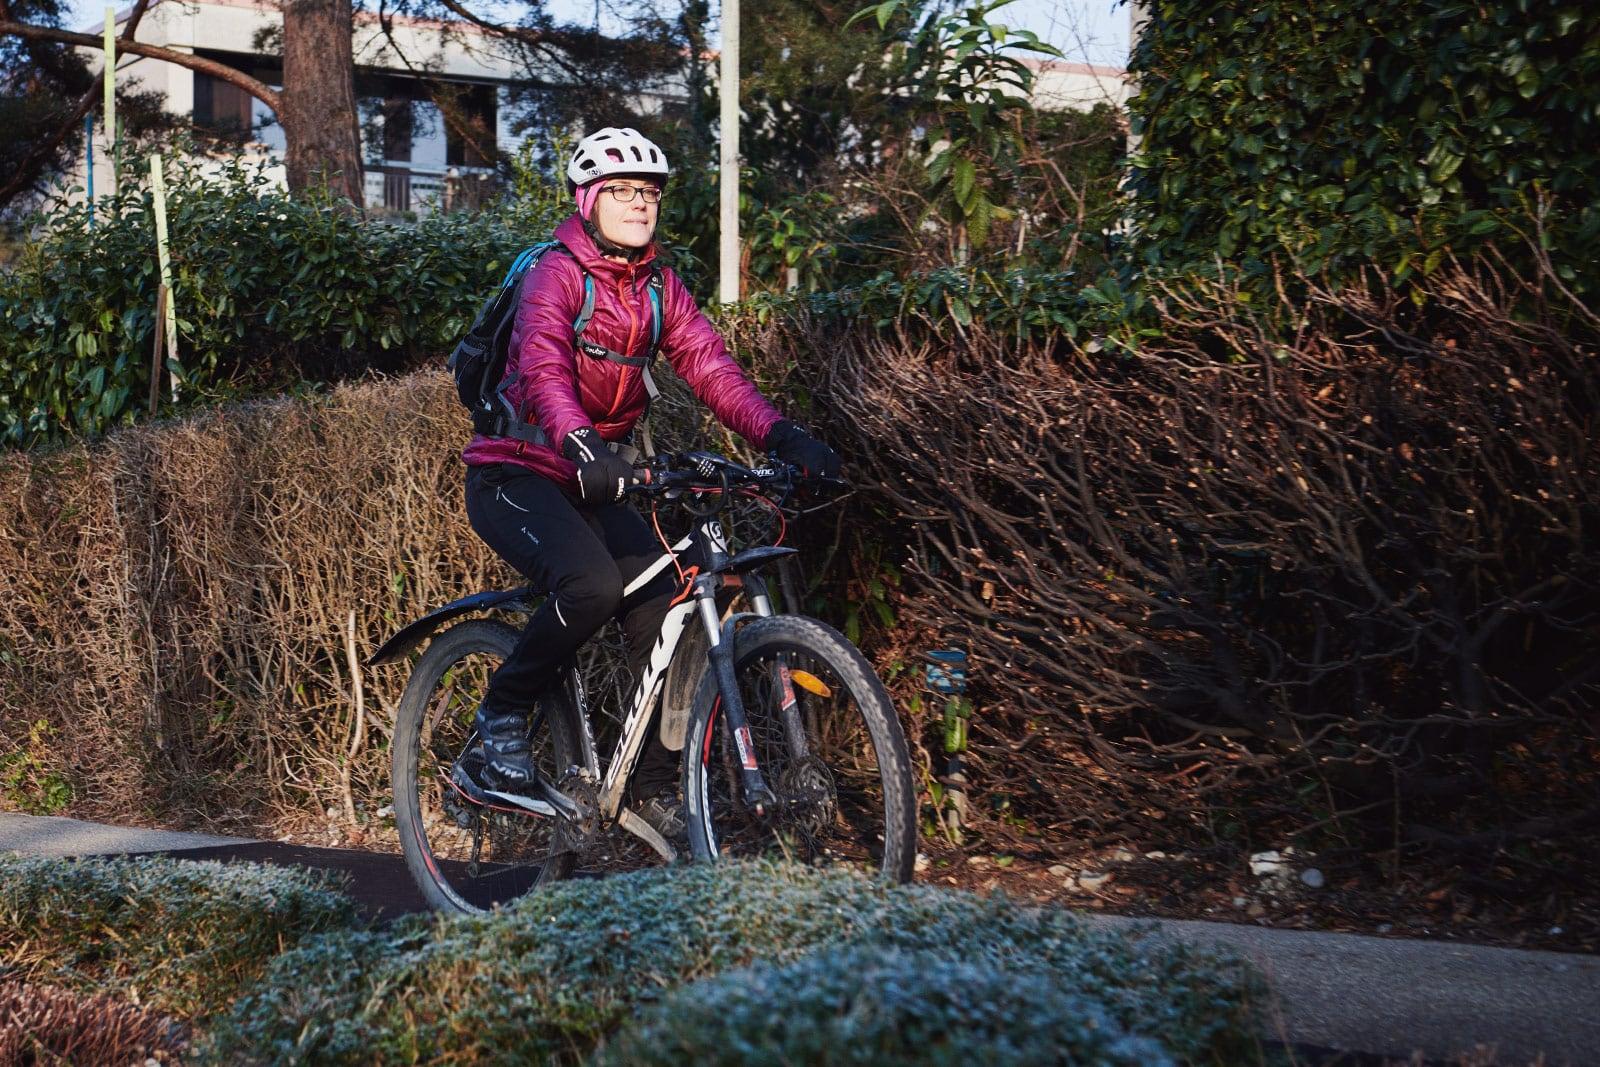 Jolanda Riedweg auf dem Weg zur Arbeit mit ihrem Mountainbike